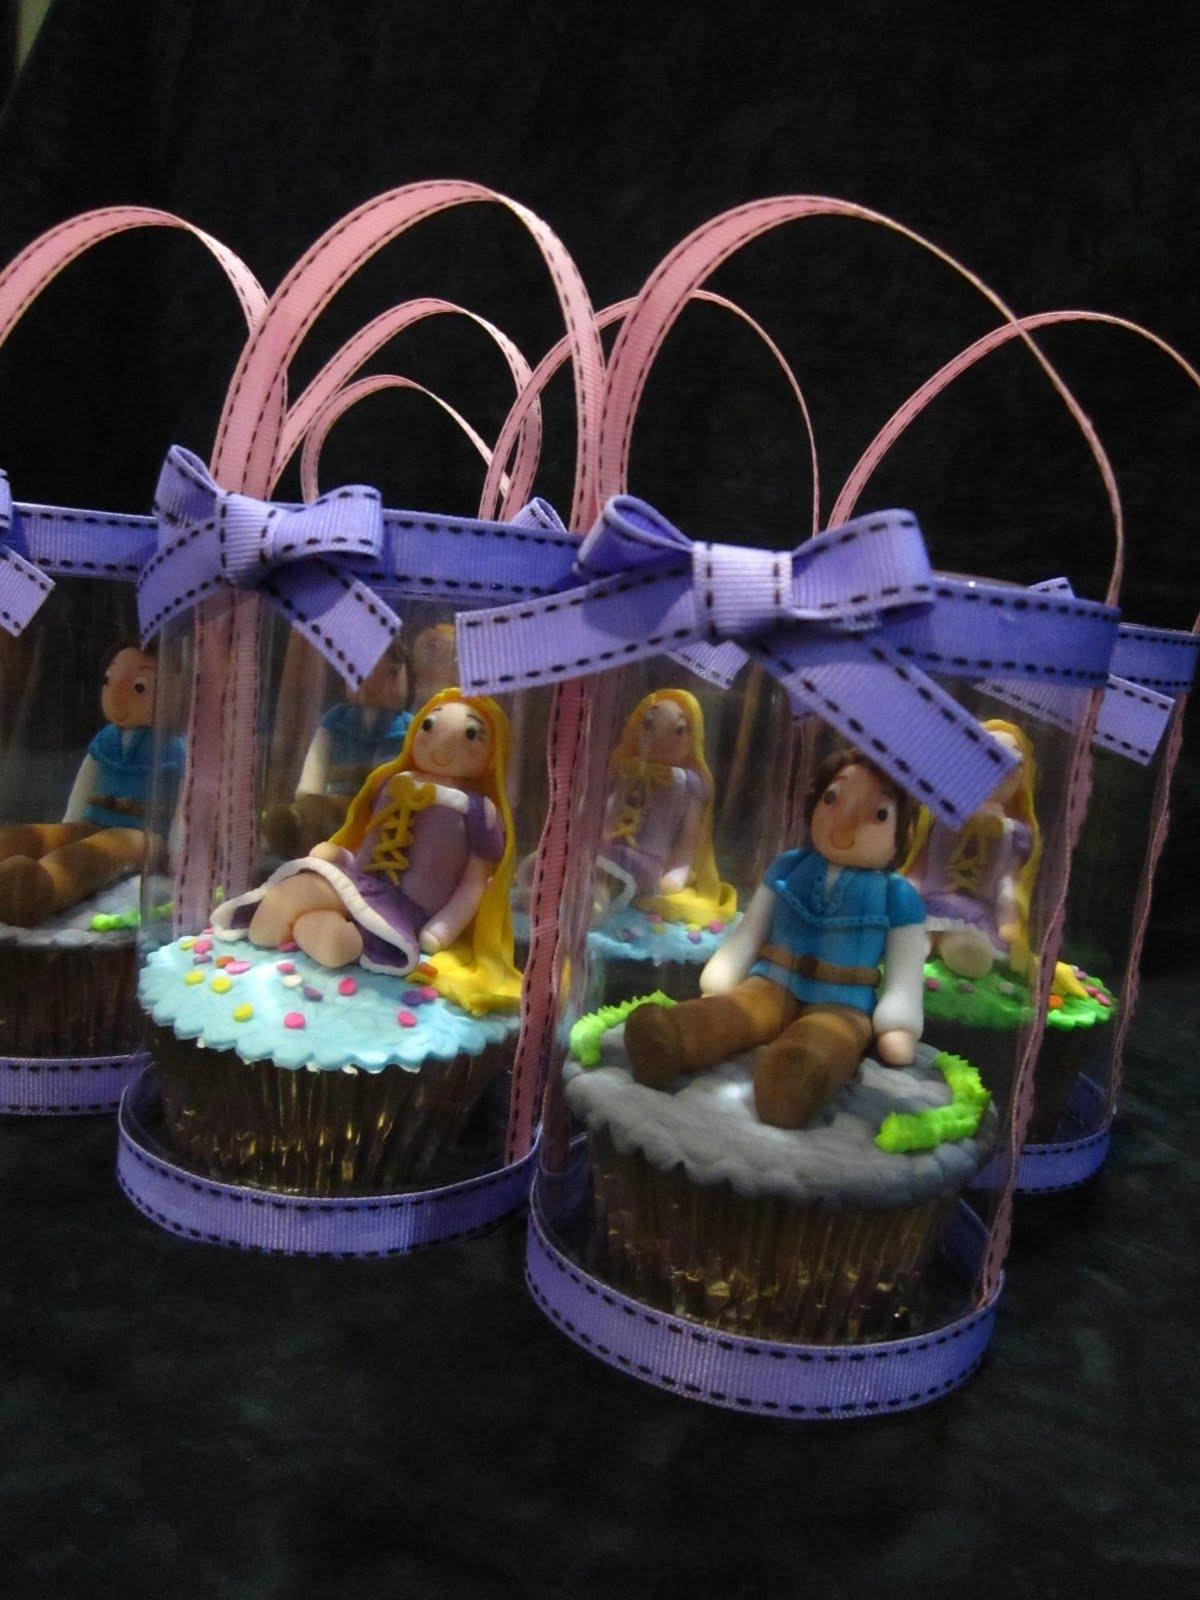 Dumont Cake Rapunzel Cupcakes